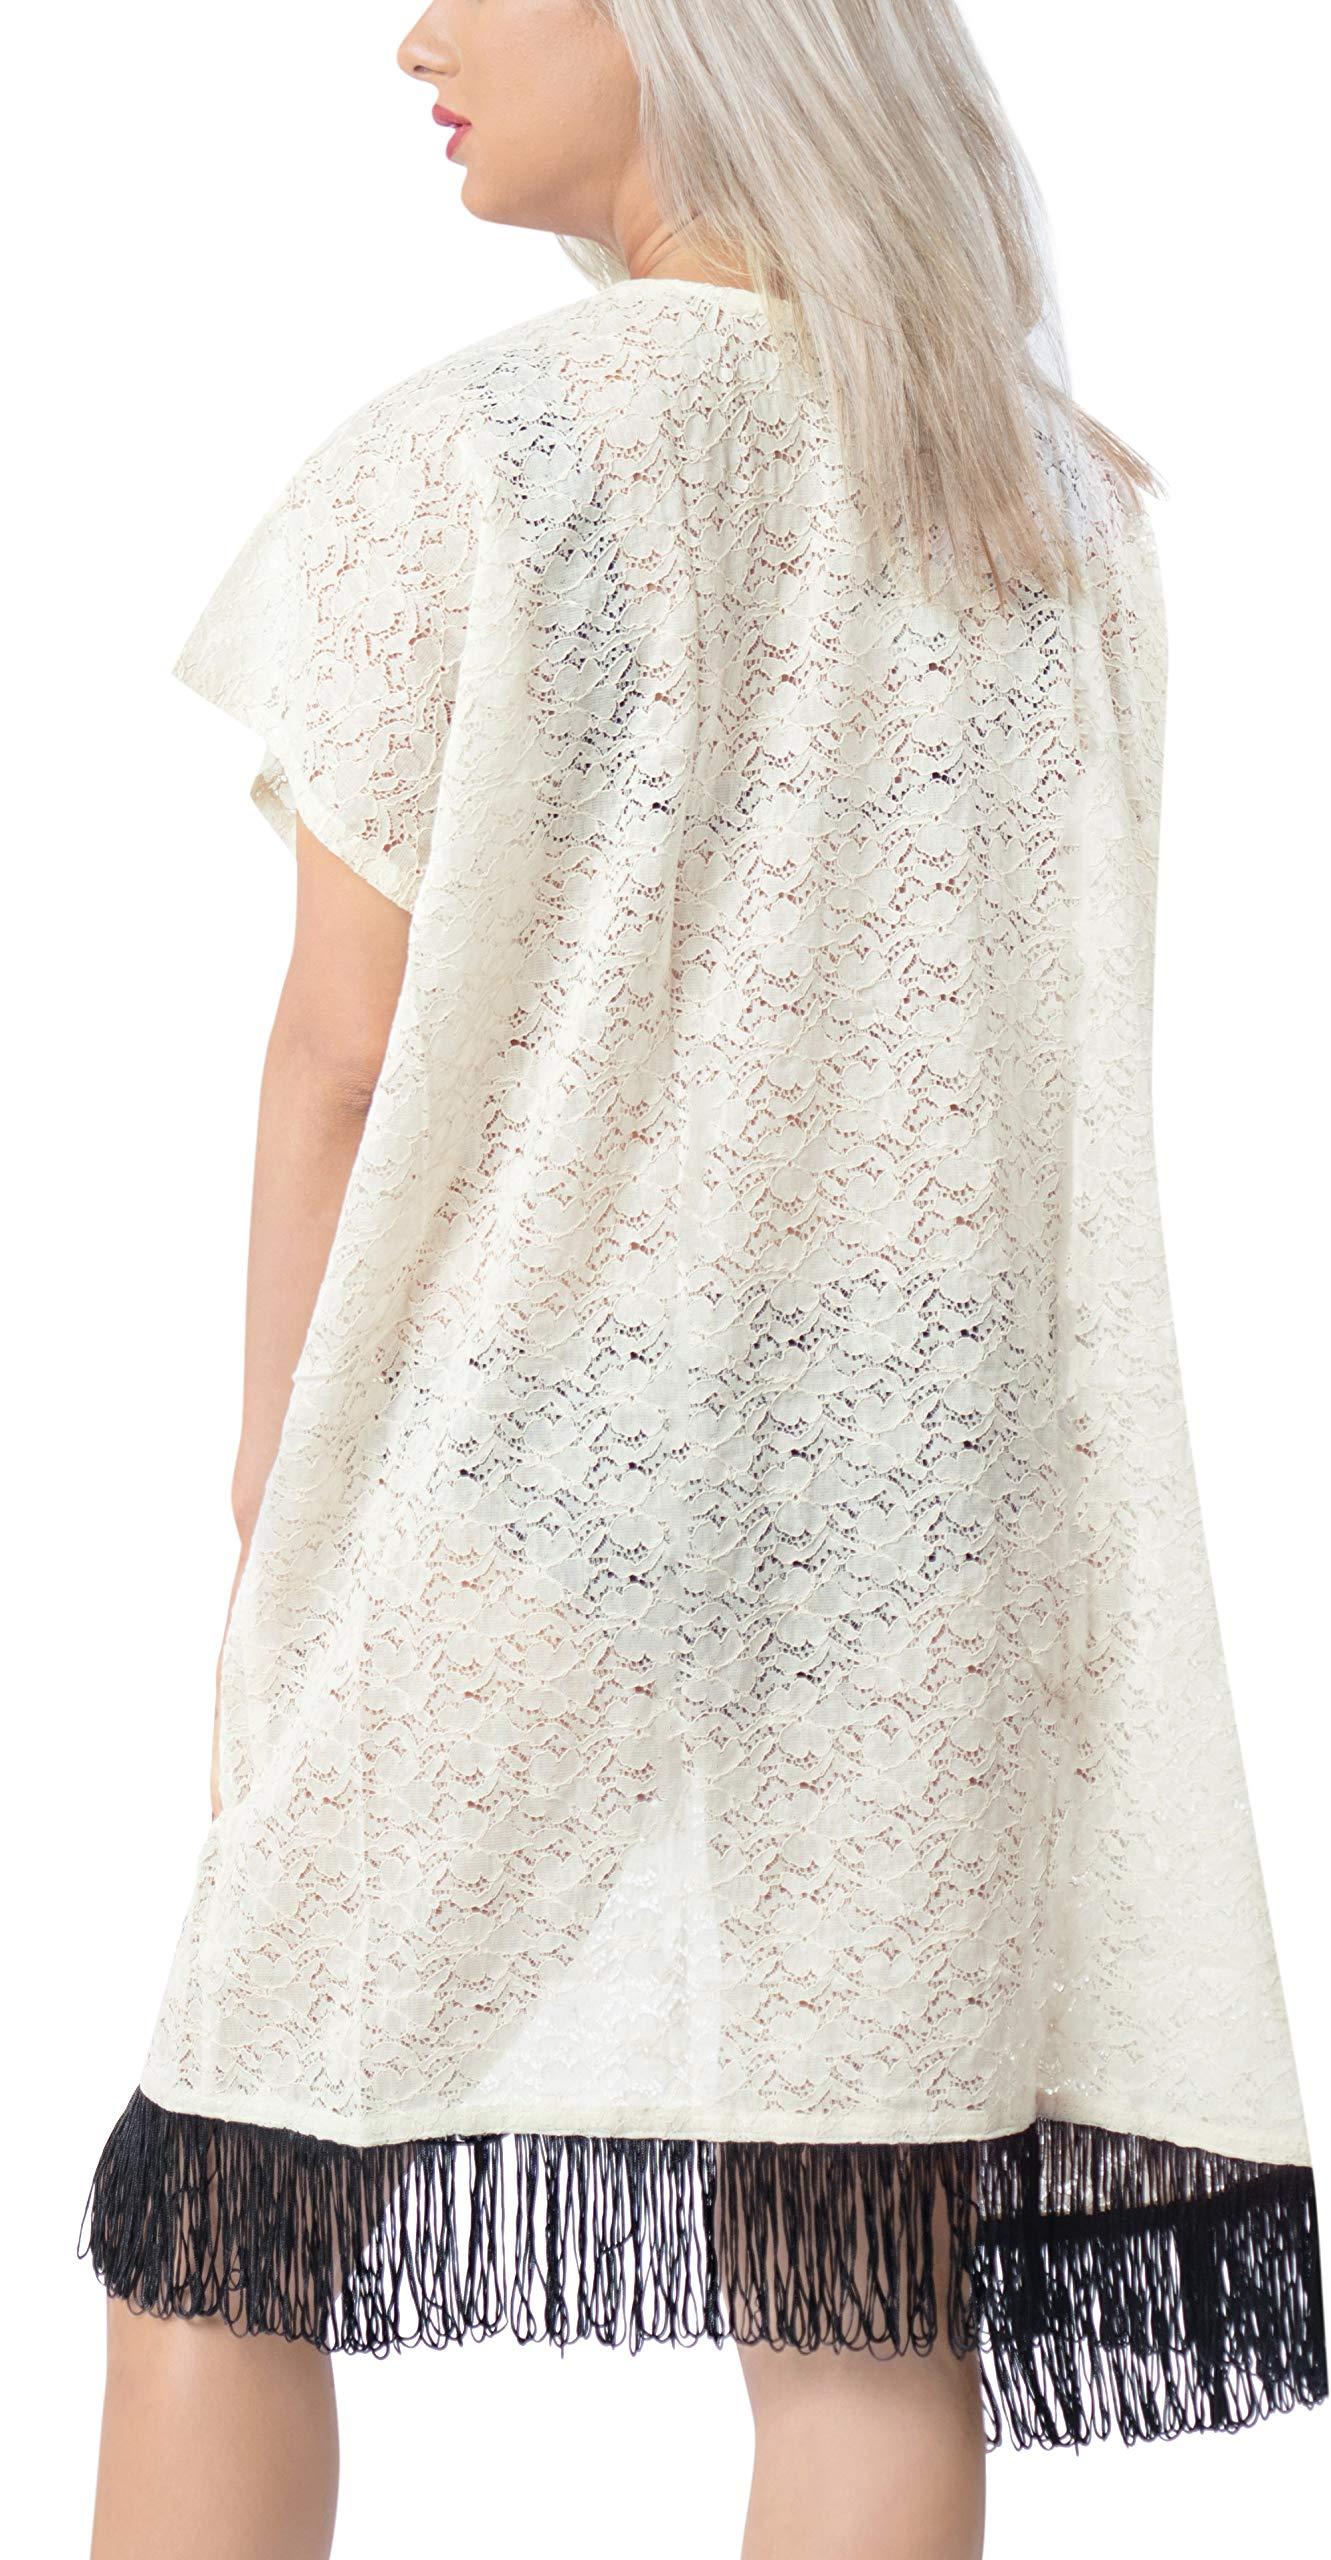 LA LEELA Copricostume Mare Cardigan Donna Taglie Forti- Vintage Chiffon Estivo Scialle Elegante Solido Kimono Vestito… 4 spesavip